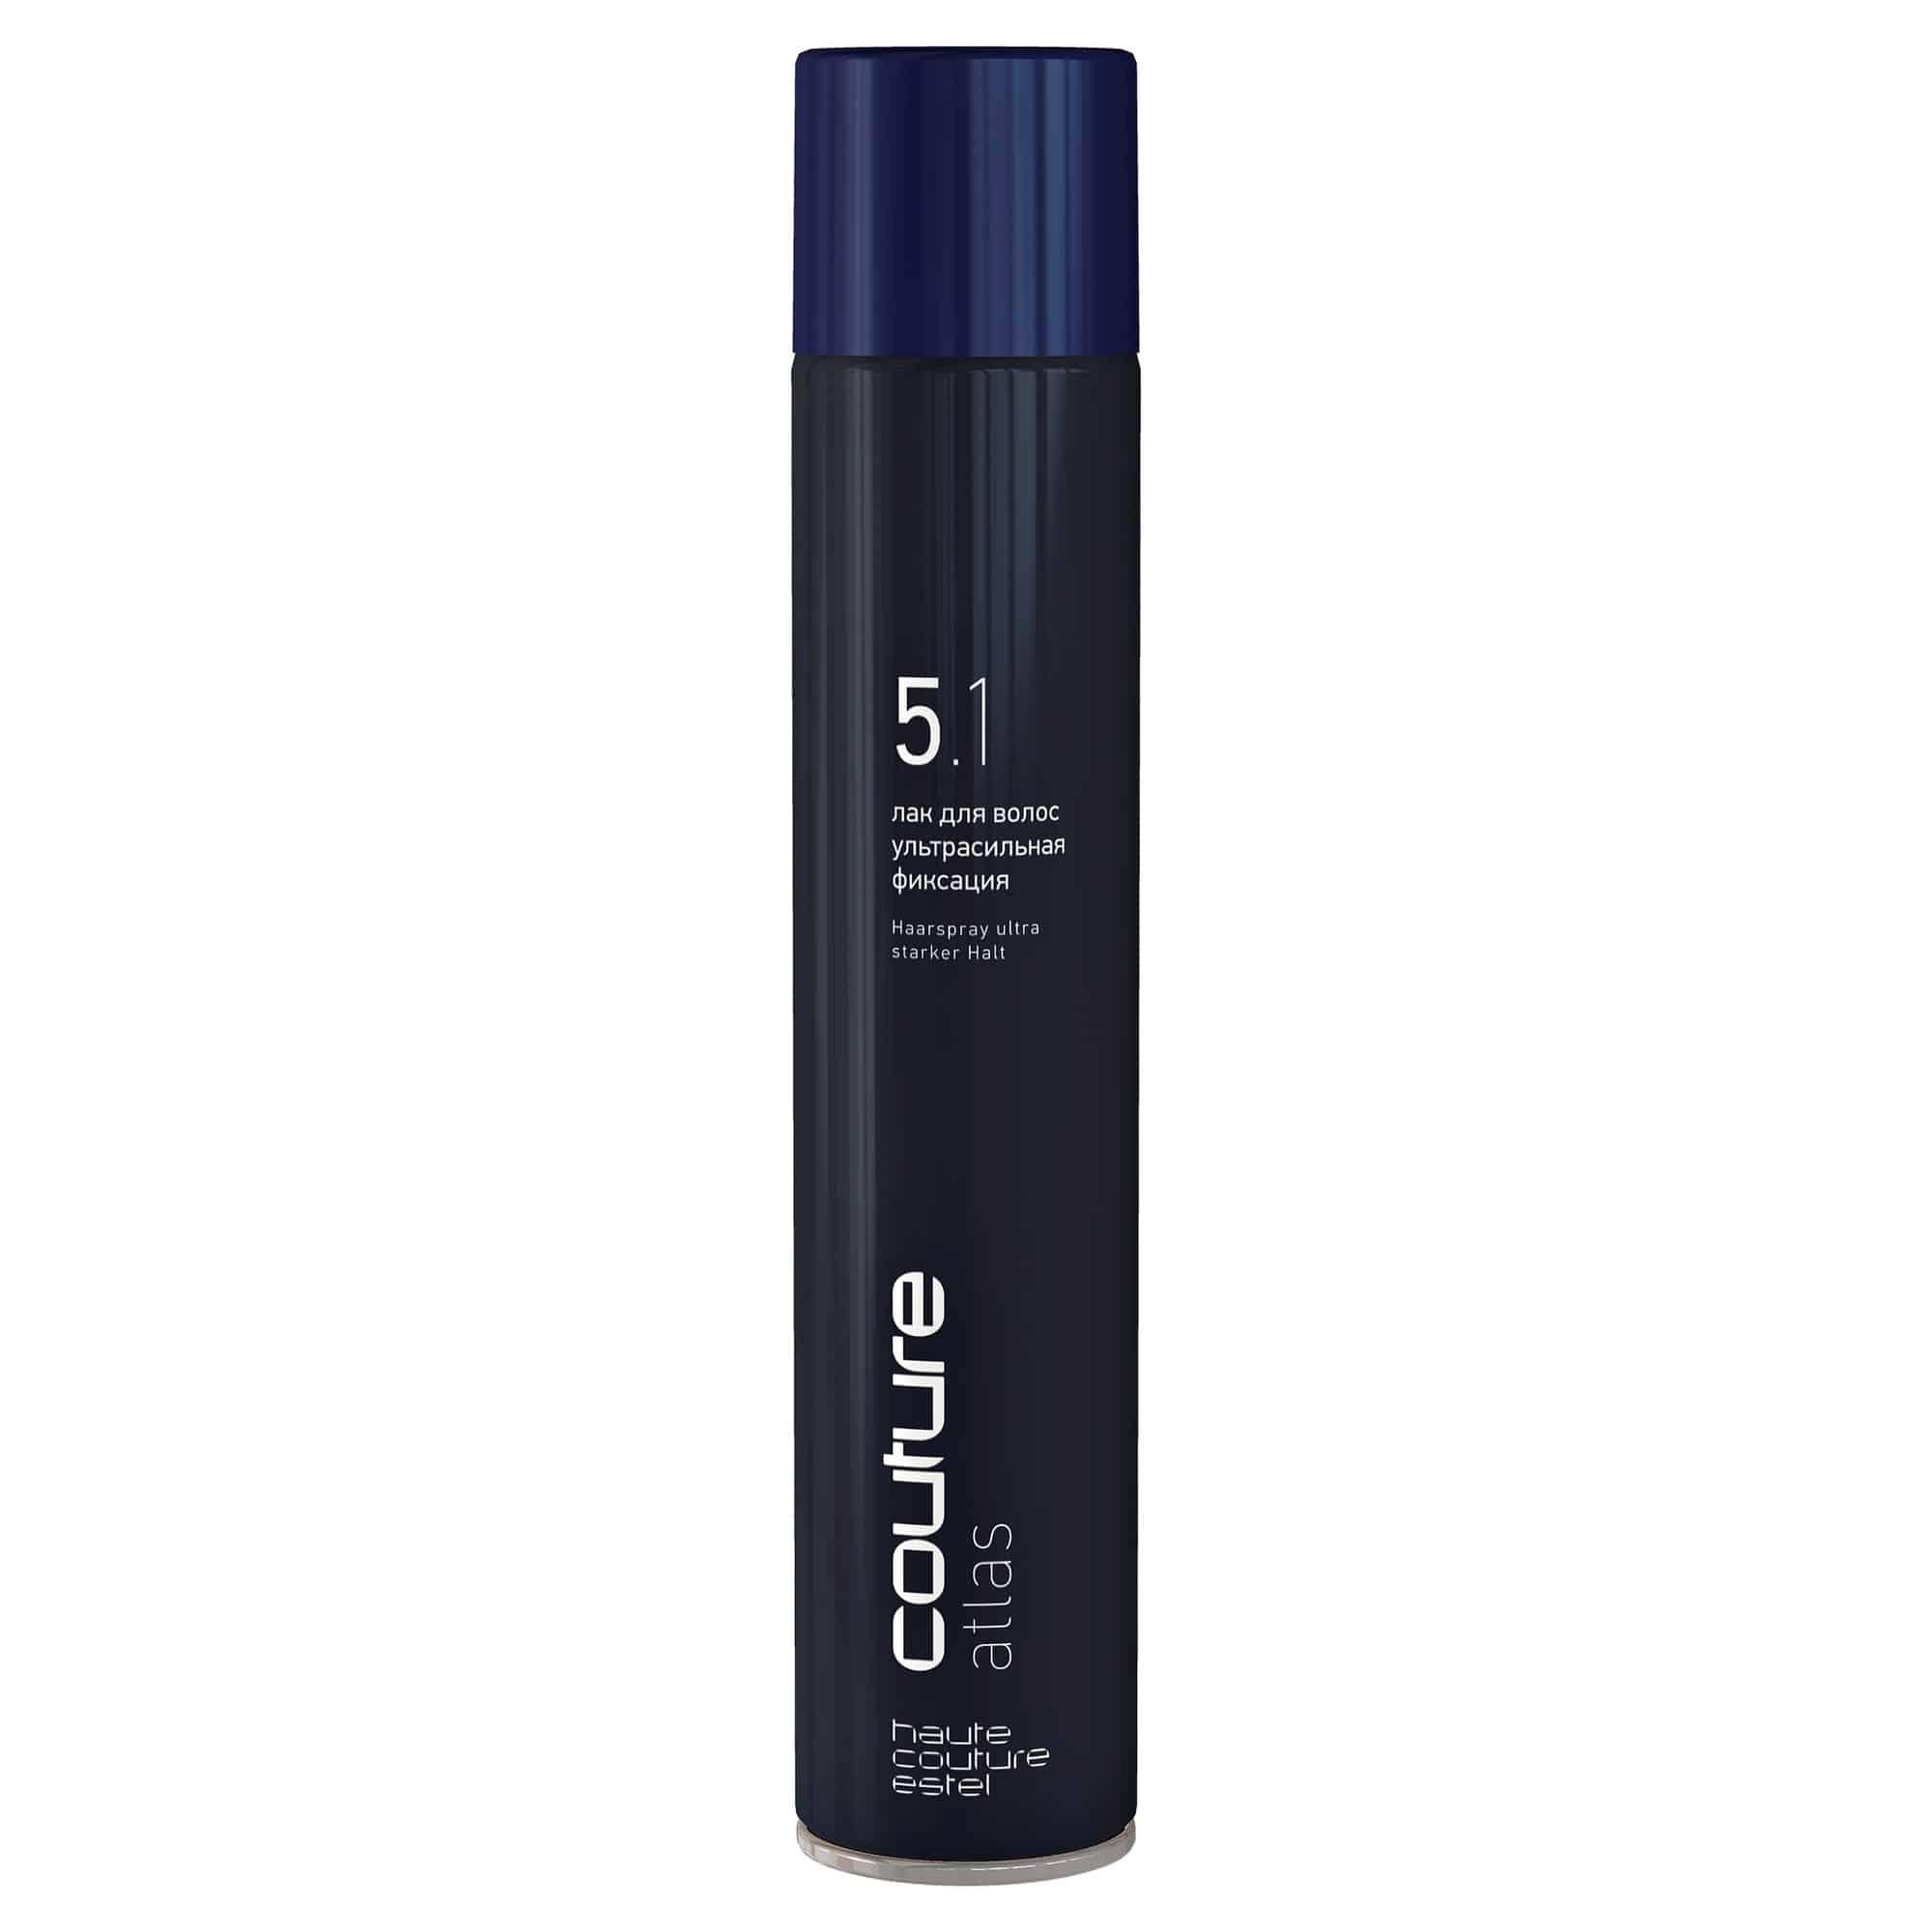 ATLAS Haarspray für ultra starken Halt - HC 5.1 von ESTEL